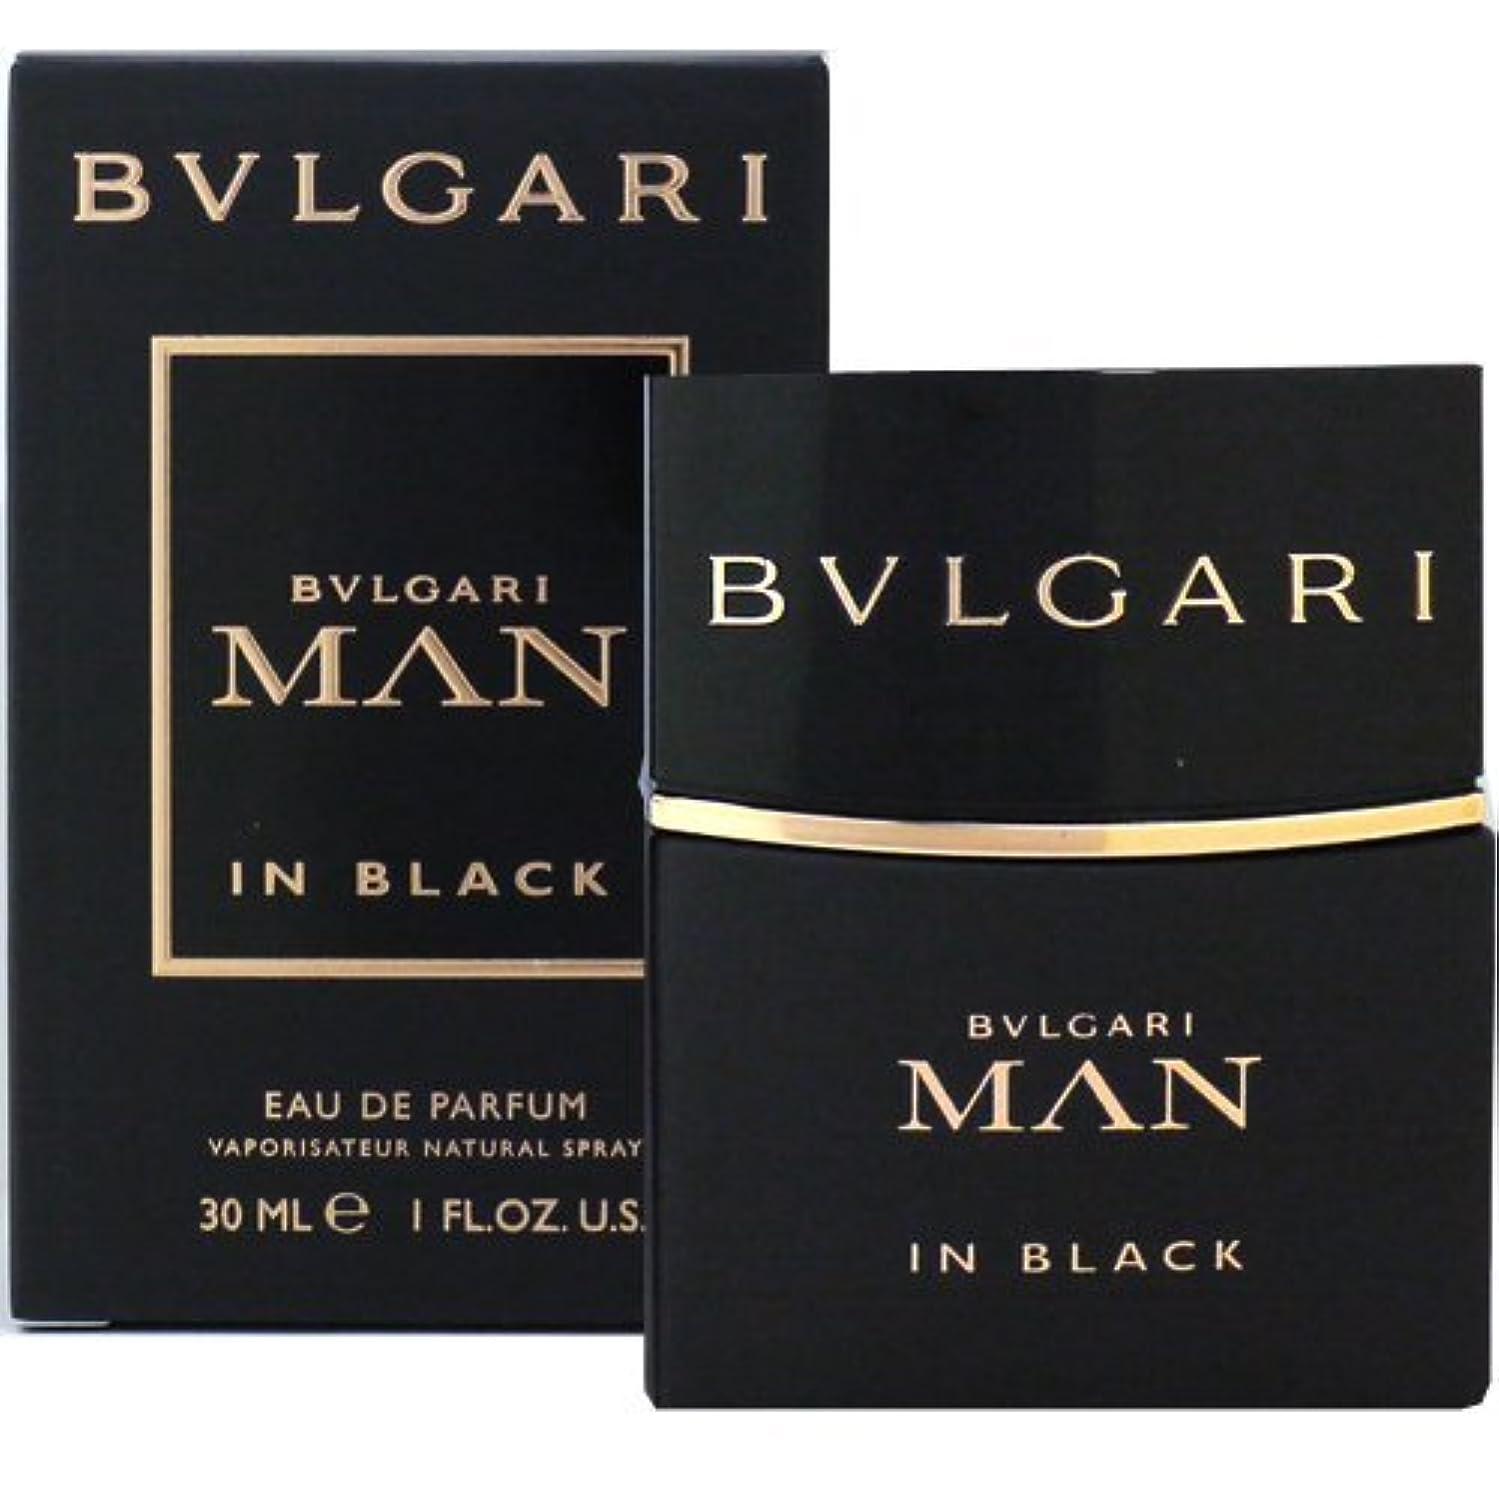 スクラブ価値のない努力するブルガリ BVLGARI ブルガリ マン イン ブラック 30ml EDP SP fs